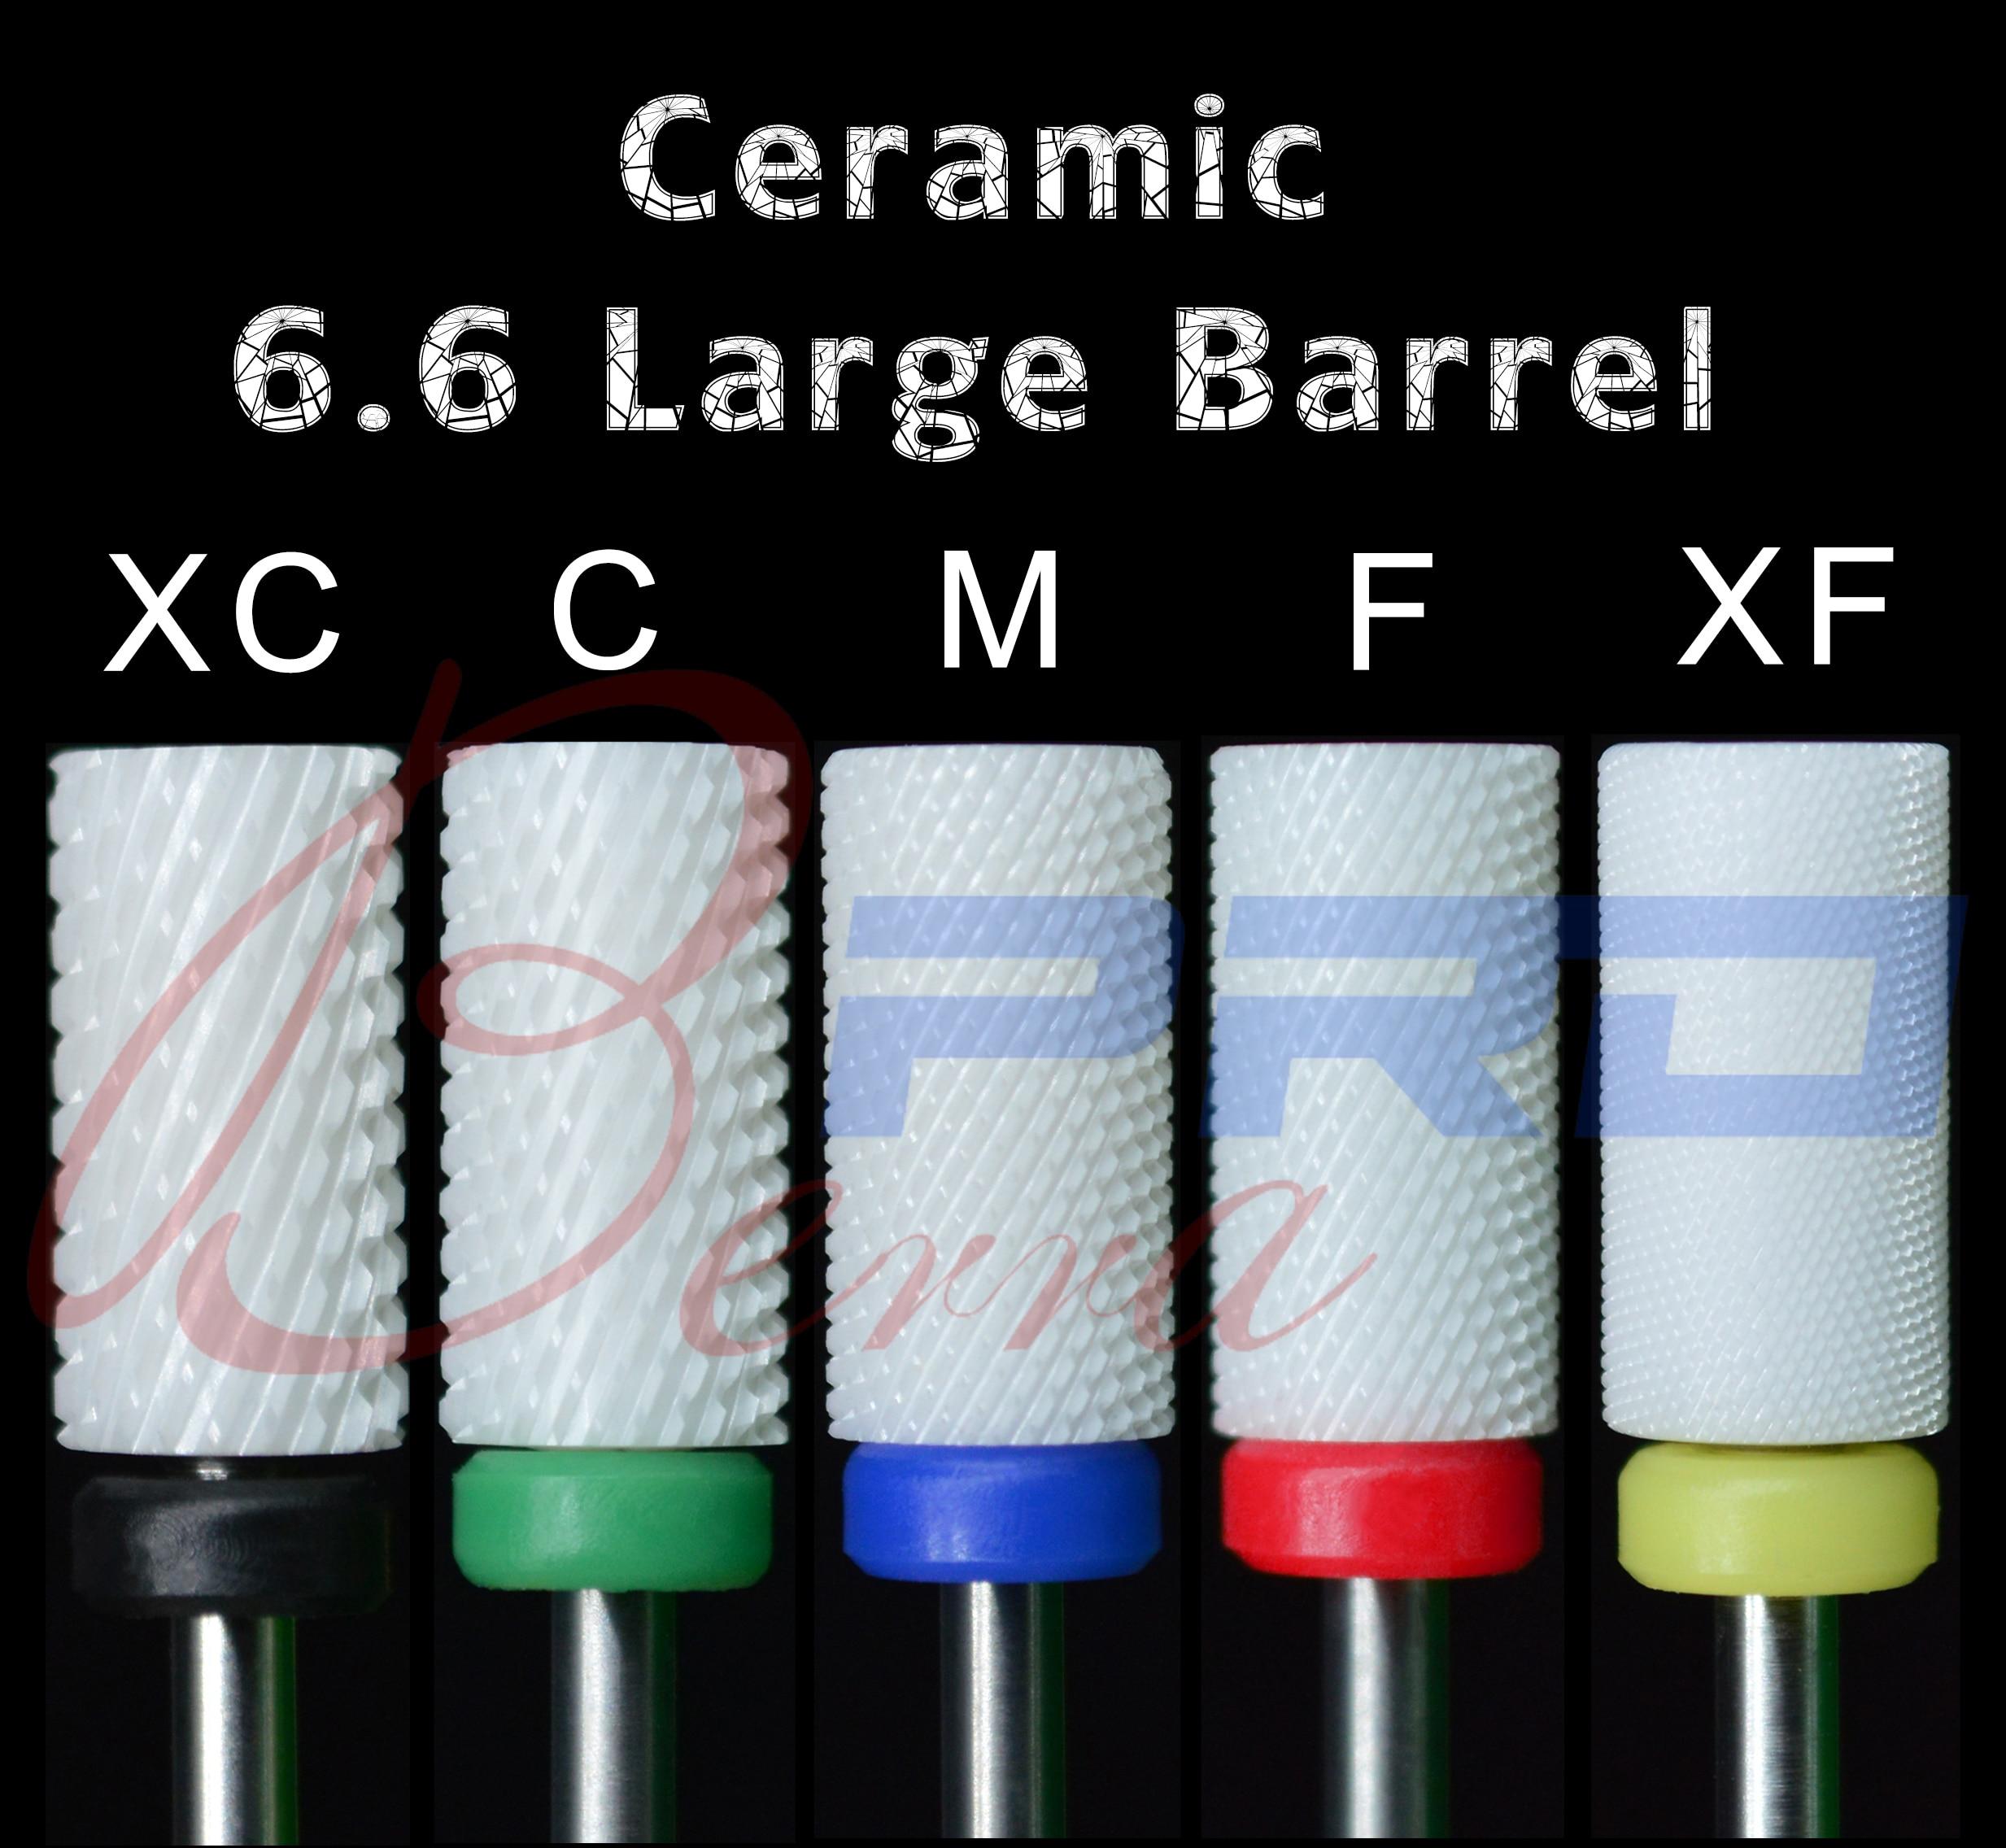 Proberra 6,6 мм большая бочка керамические аксессуары биты фрезы заусенцы инструменты для дизайна ногтей|Принадлежности для дизайна ногтей|   | АлиЭкспресс